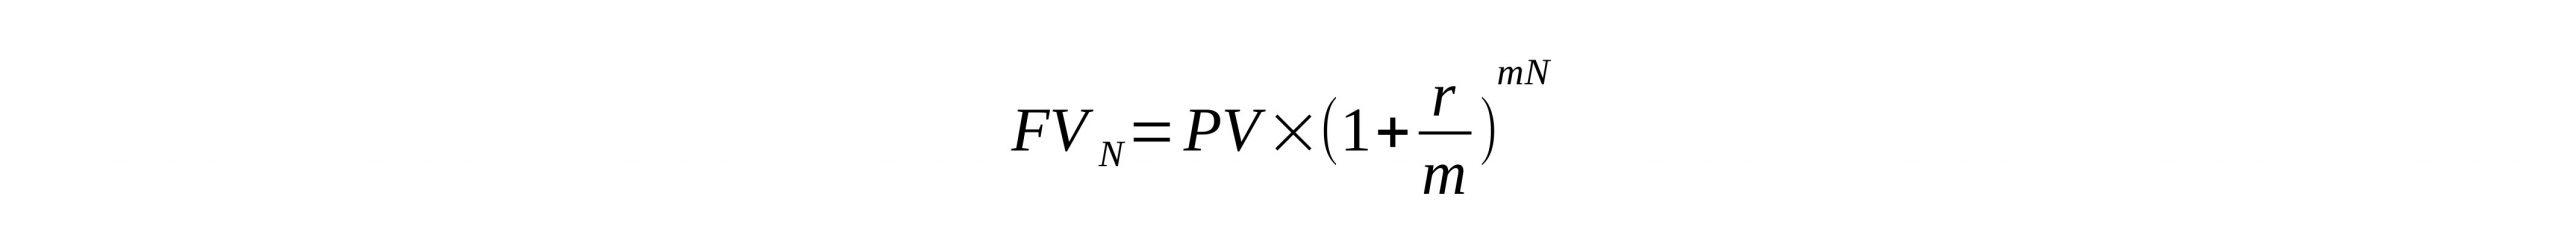 فرمول سود مرکب